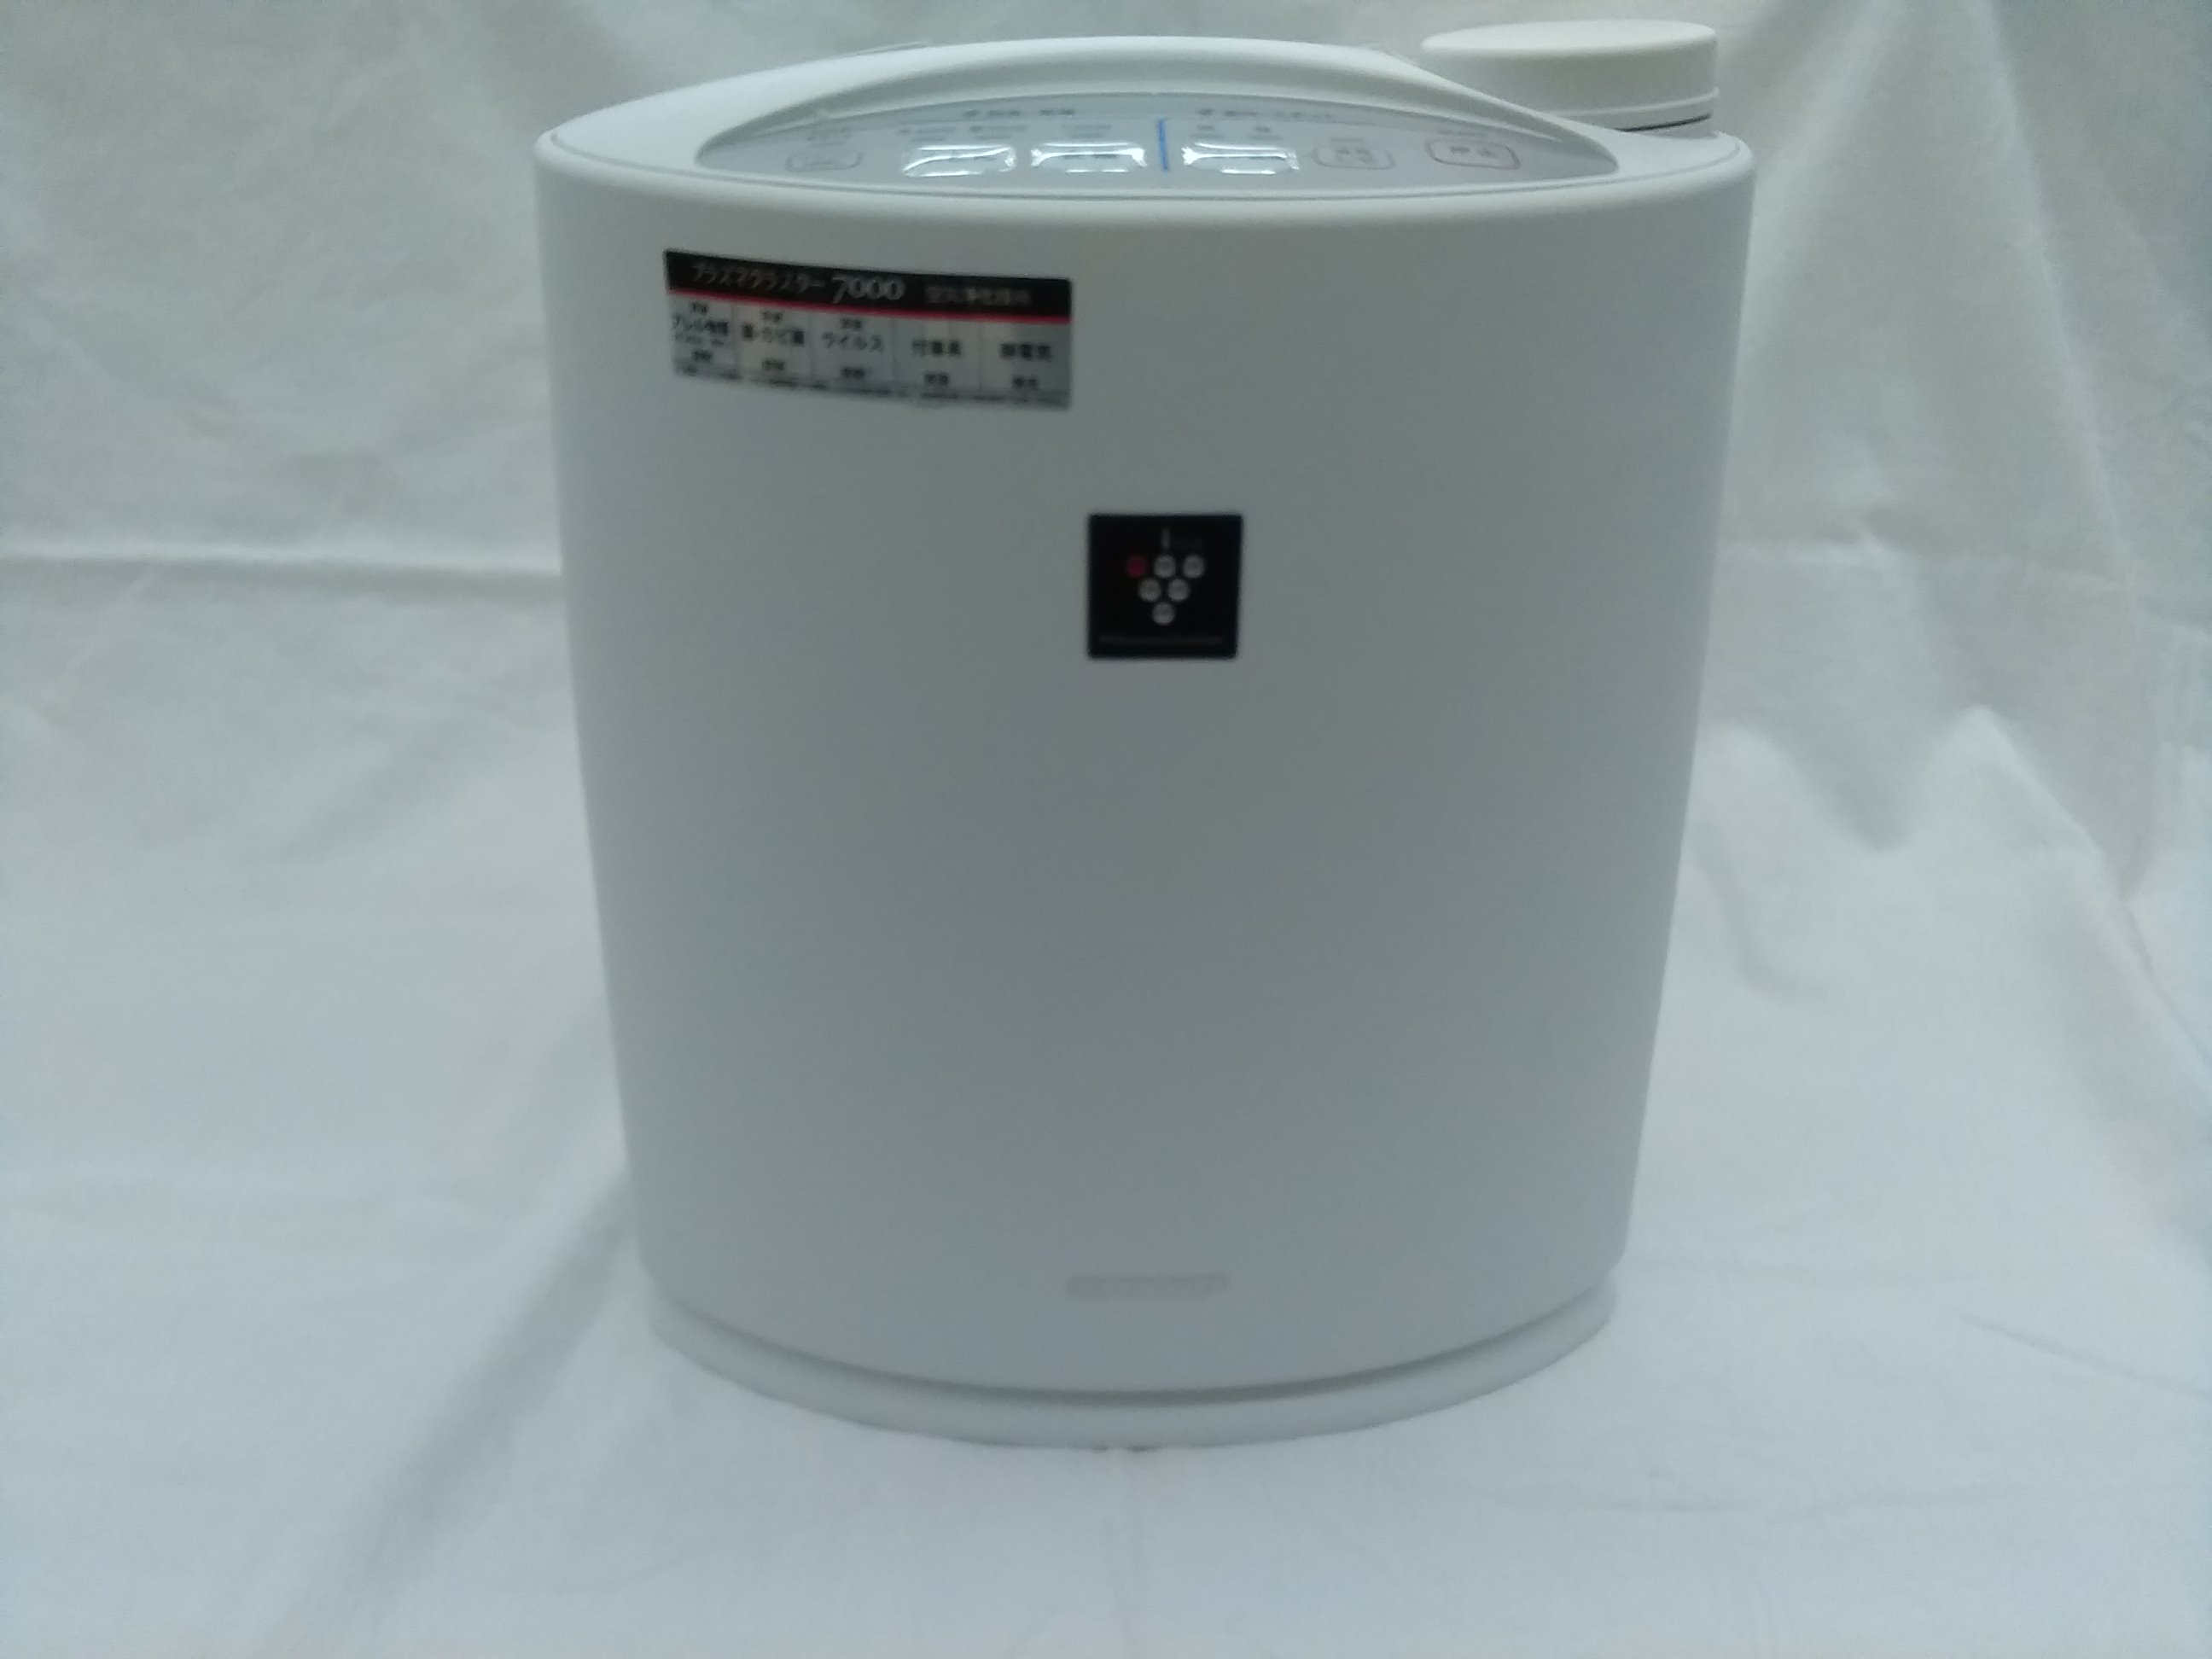 プラズマクラスターイオン乾燥機|SHARP